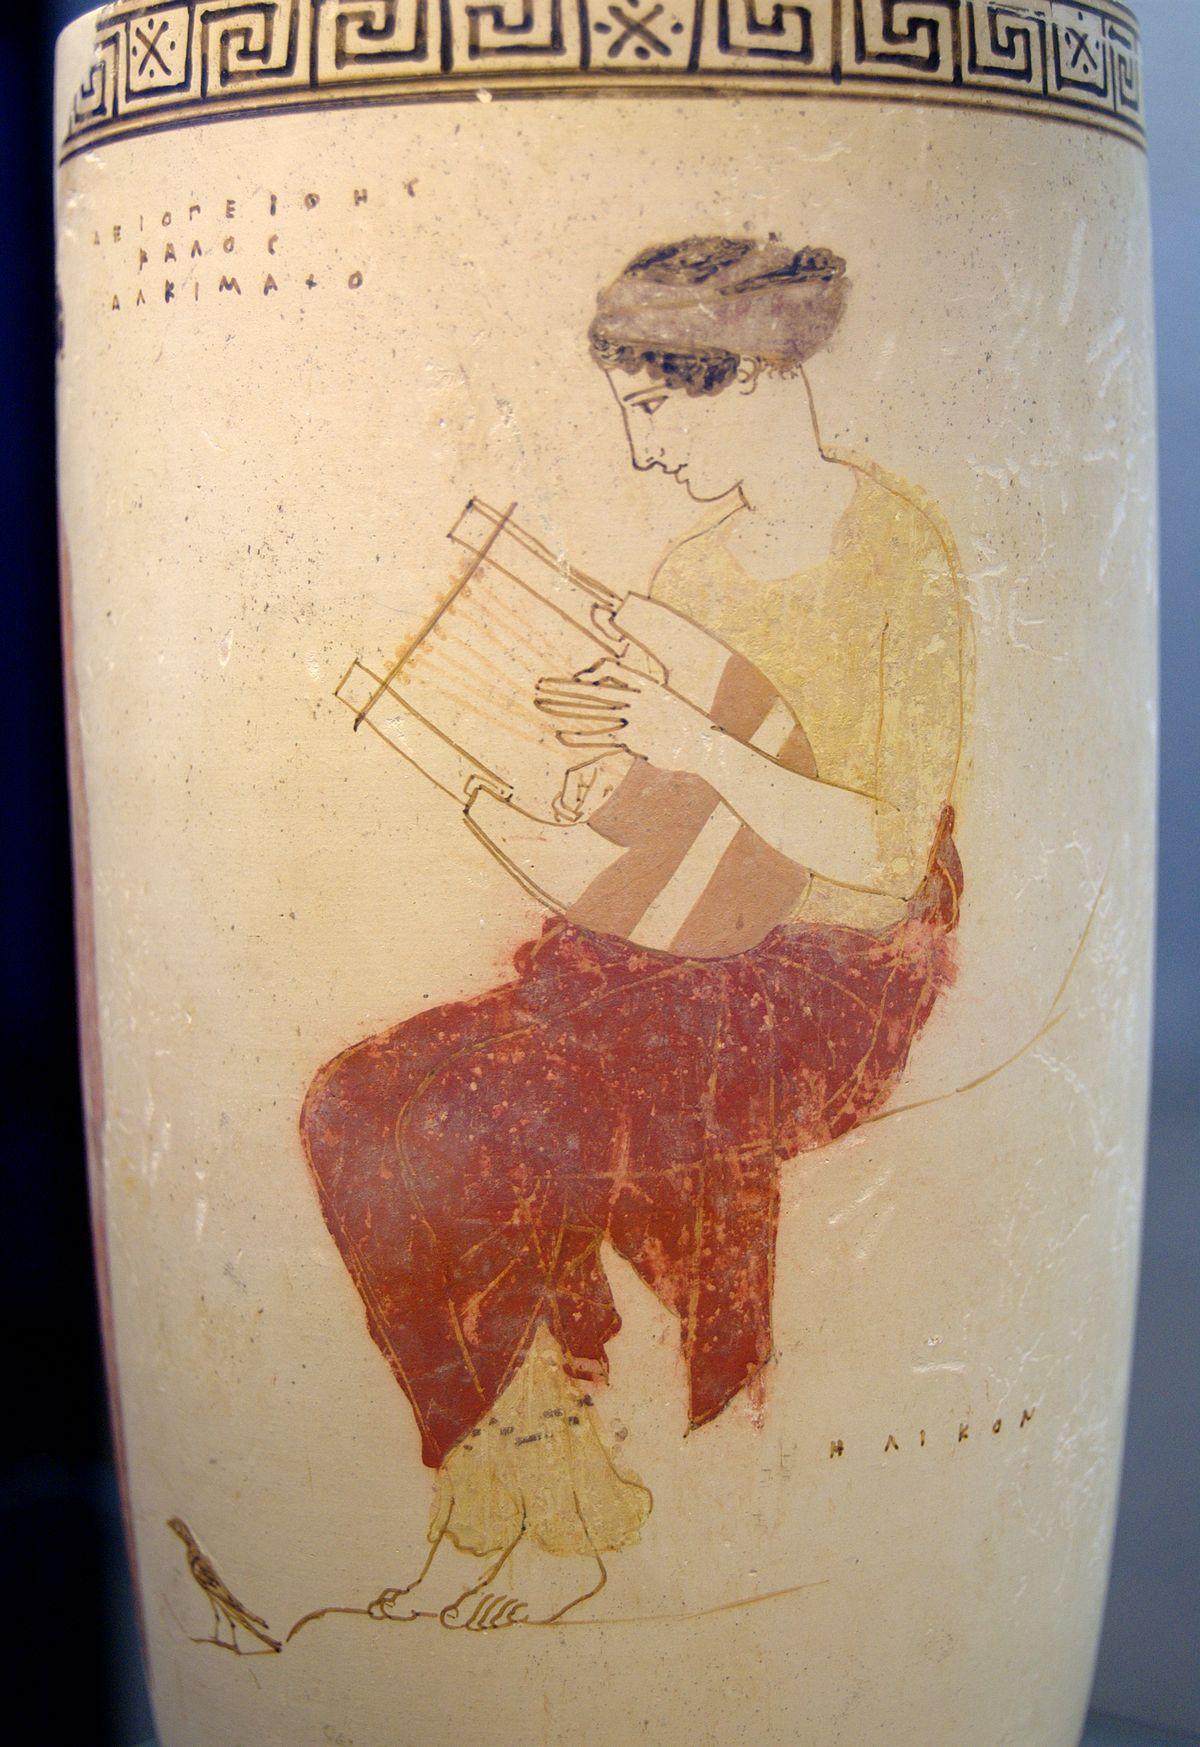 Đàn lia là một nhạc cụ nổi ting thuộc bộ dây được sử dụng phổ bin thời Hy Lạp cổ đại và các thời kì sau đó Wiki